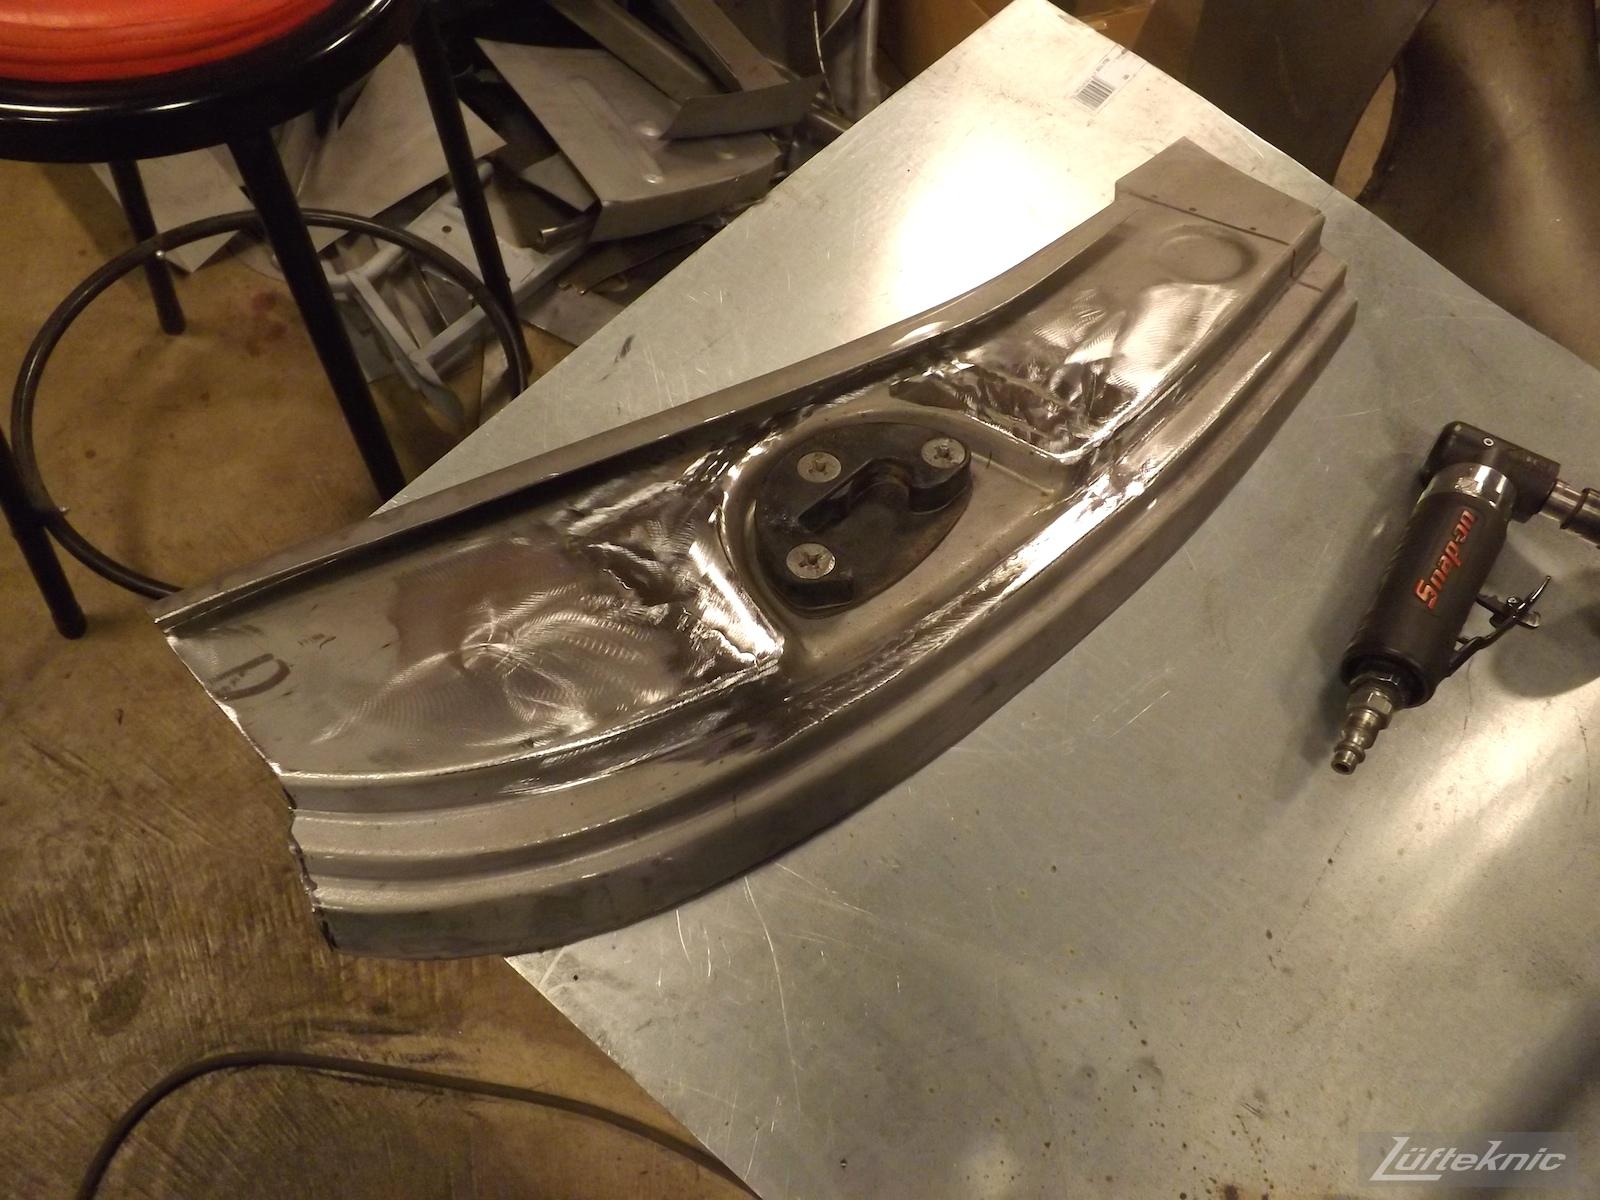 Door latch repair on a White 1964 Porsche 356SC being restored.